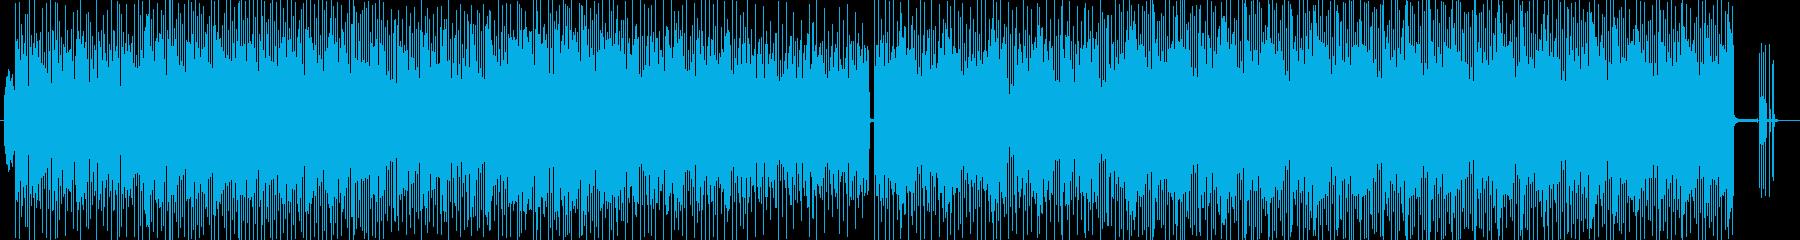 ファンタジーなシンセサウンドポップの再生済みの波形